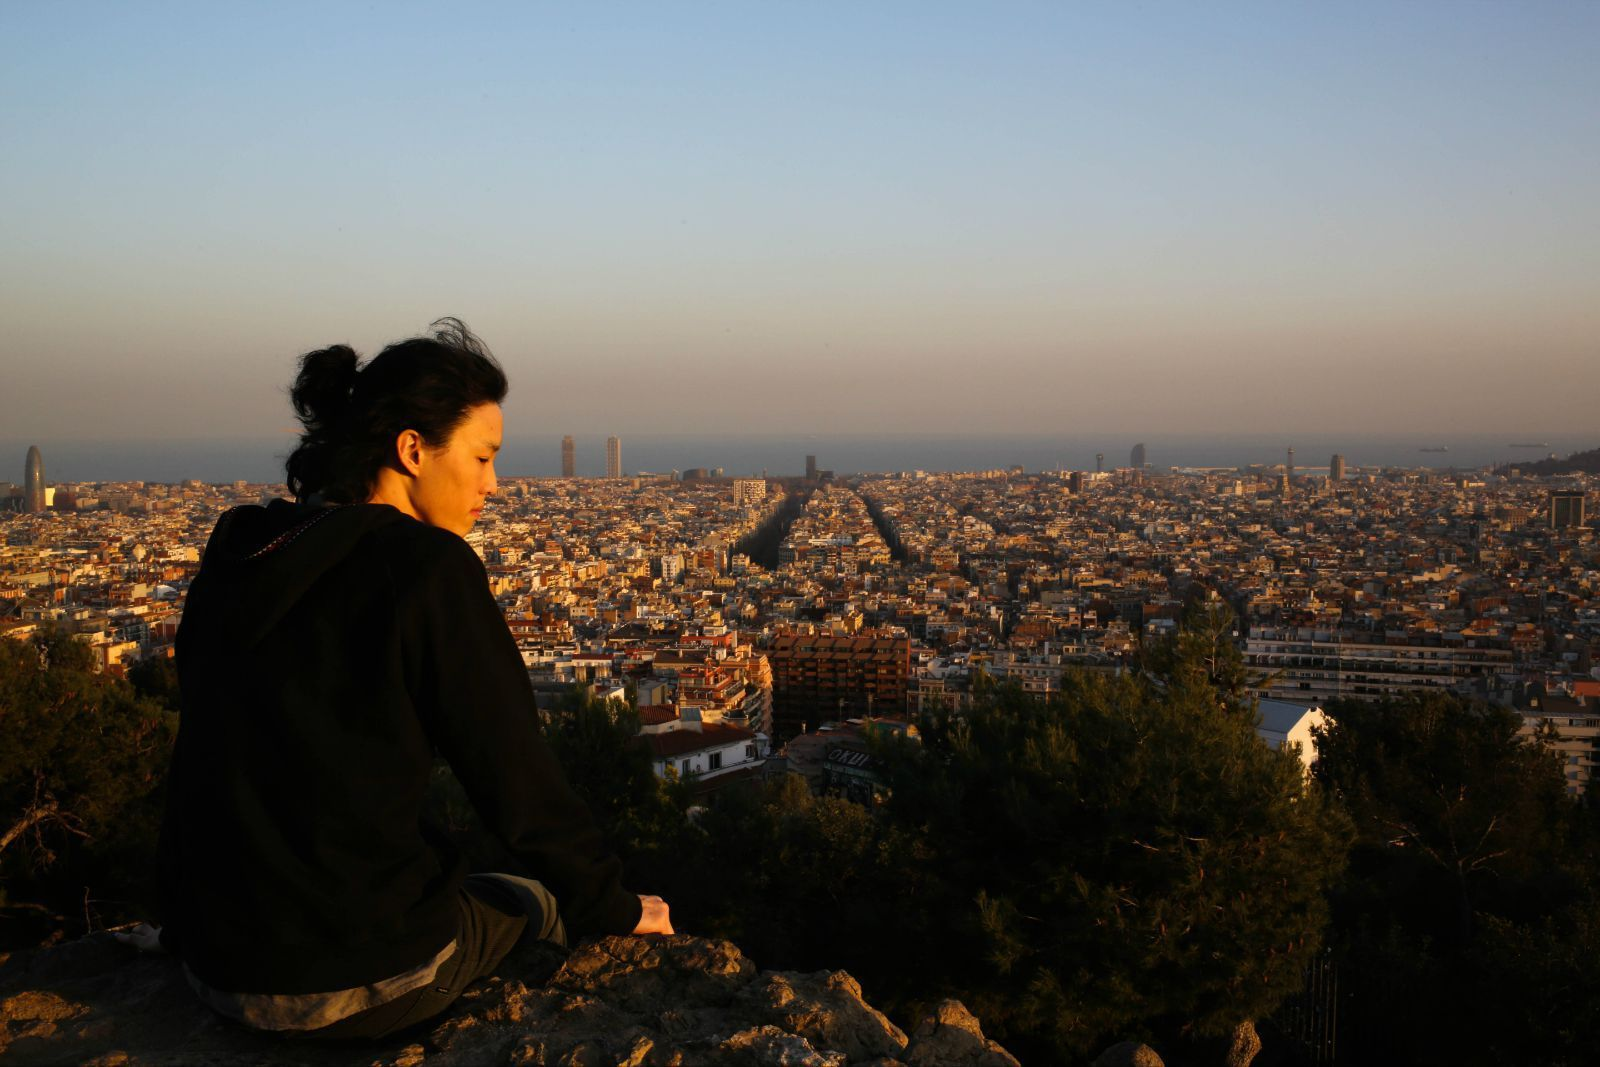 据说巴塞罗那这个城市规划也是高迪设计的,这个城市可以说就是